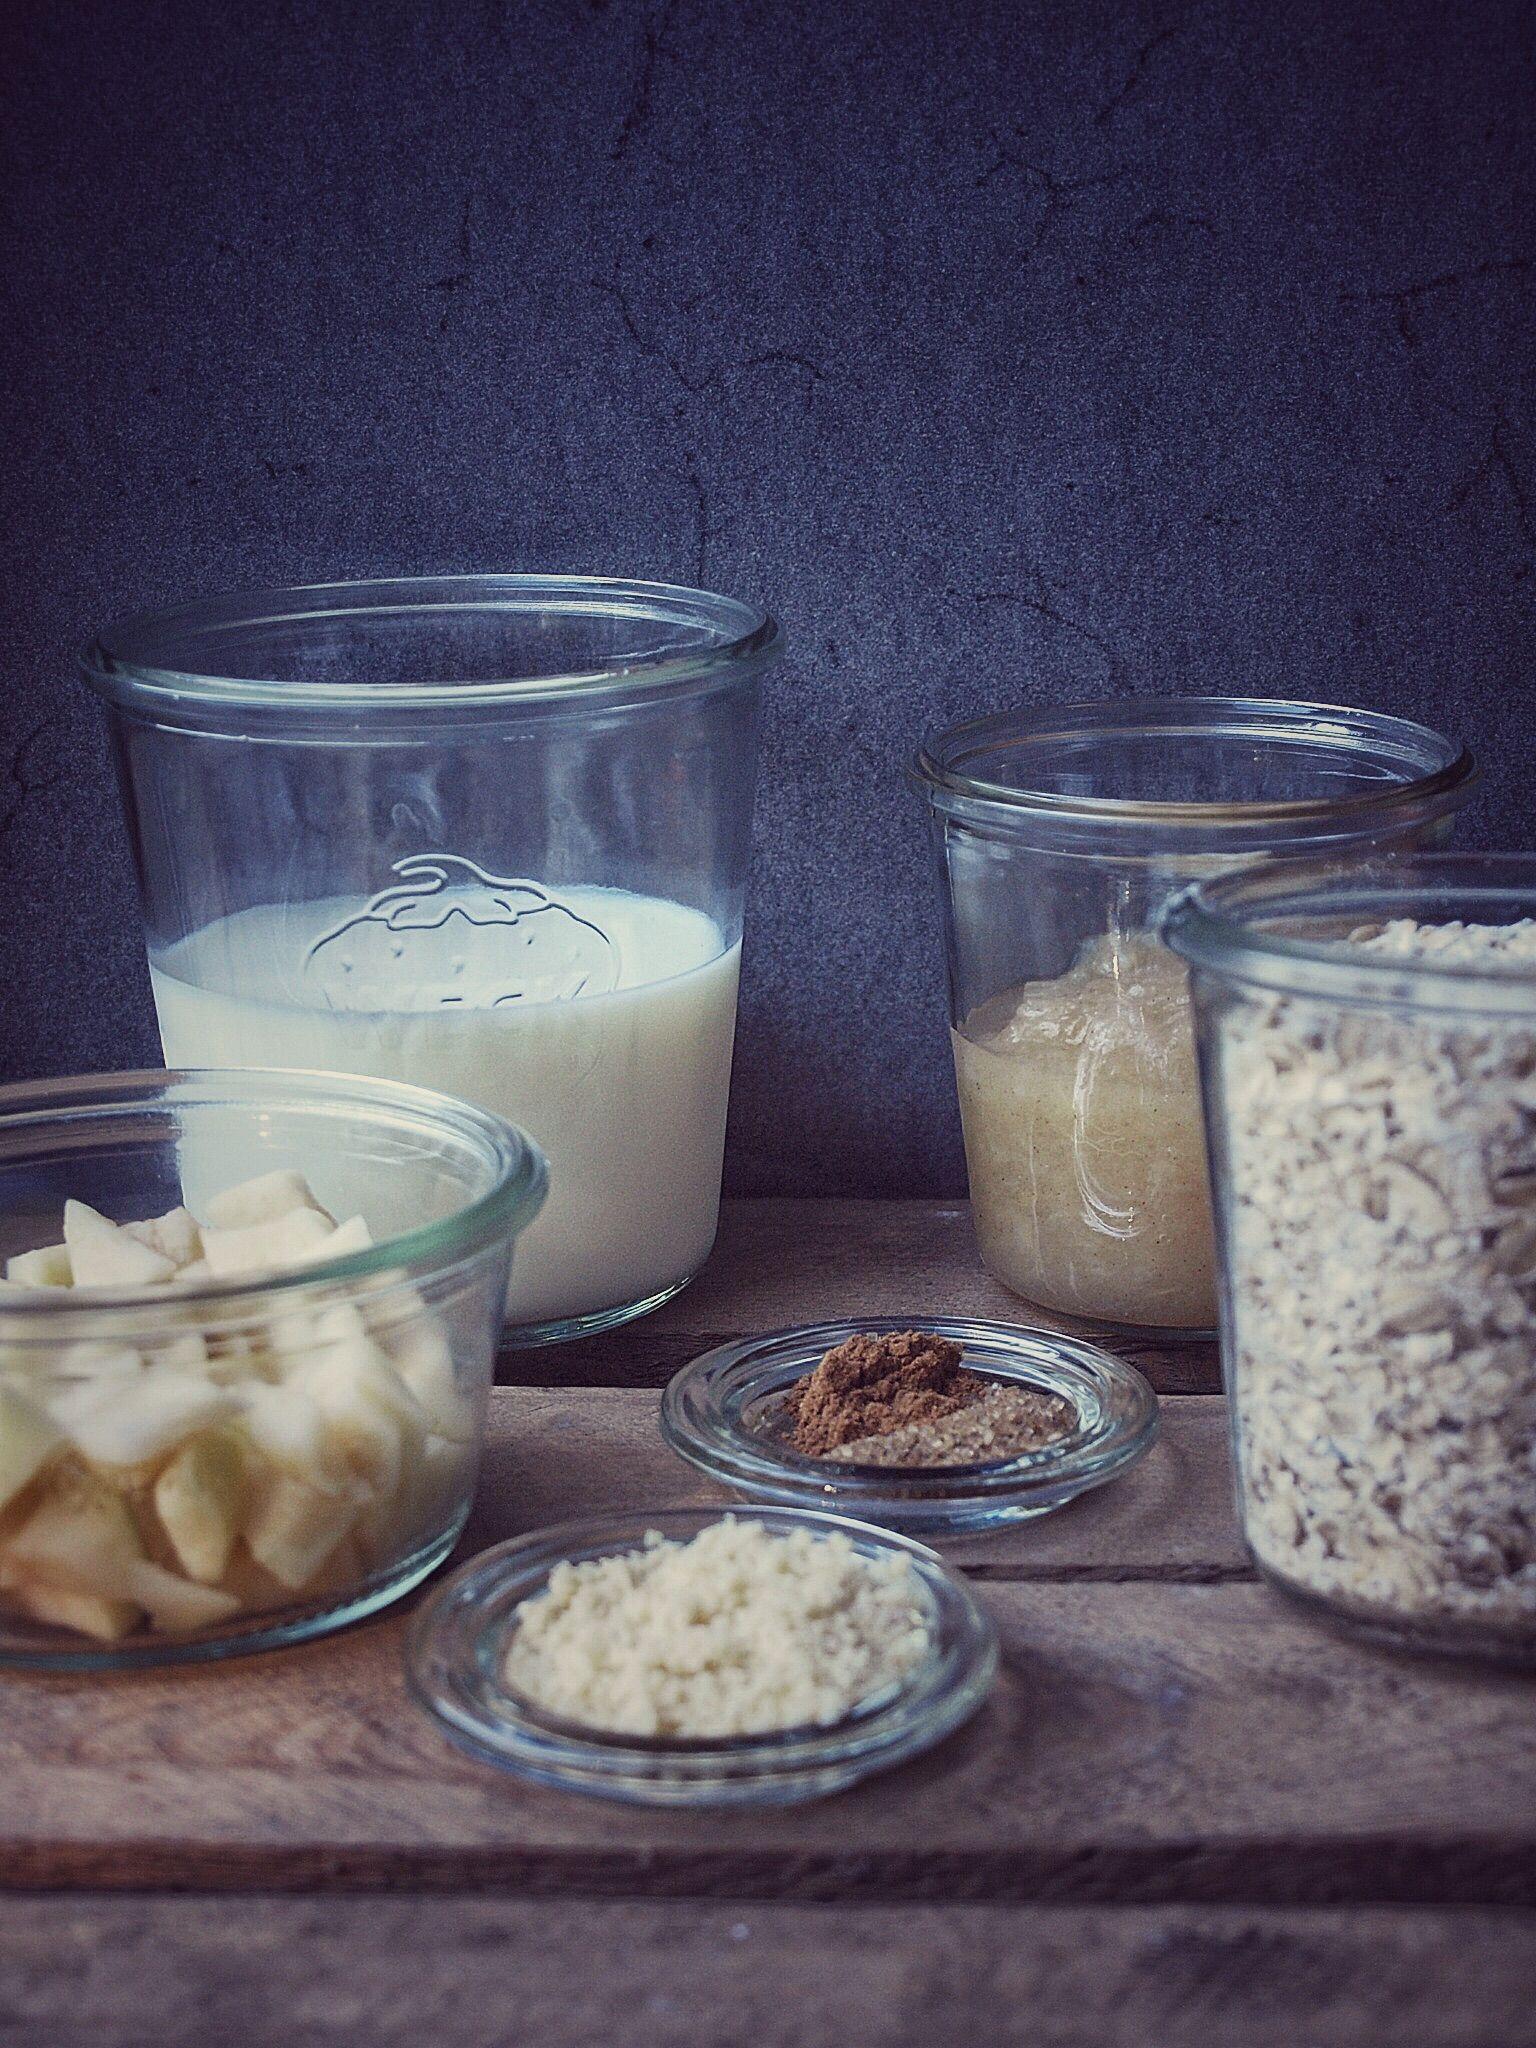 zimt overnight oats mit apfelmus vanille und mandeln lecker pinterest apfelmus fr hst ck. Black Bedroom Furniture Sets. Home Design Ideas